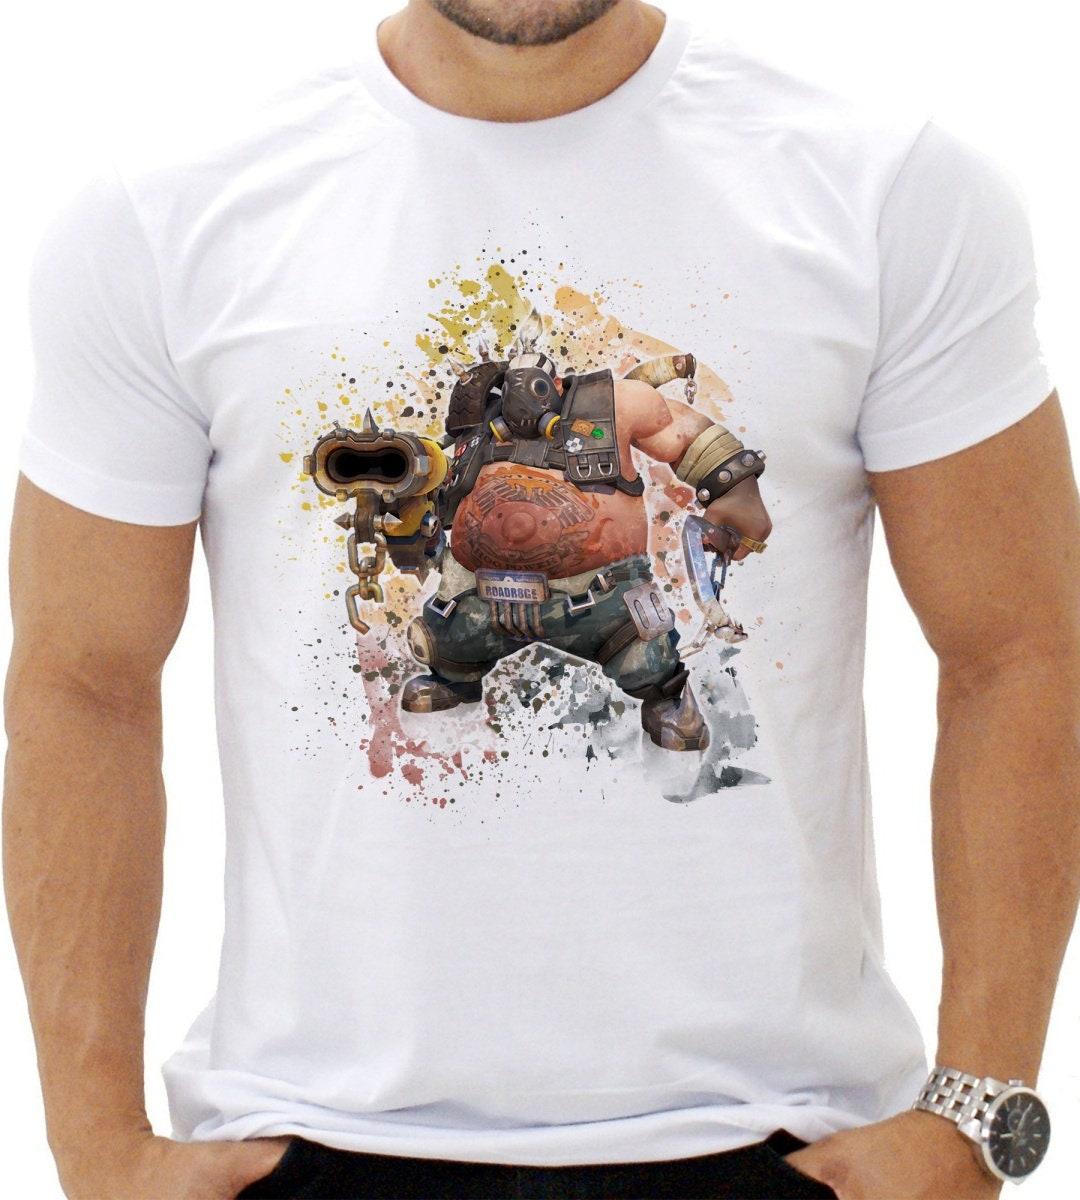 Overwatch chauffard Tshirt, jeu Tee Shirt Overwatch, idée cadeau, Overwatch gamme T-Shirt DTG, tee-shirt Unique, haut de gamme Overwatch qualité unisexe Shirt,no.039 b0133b